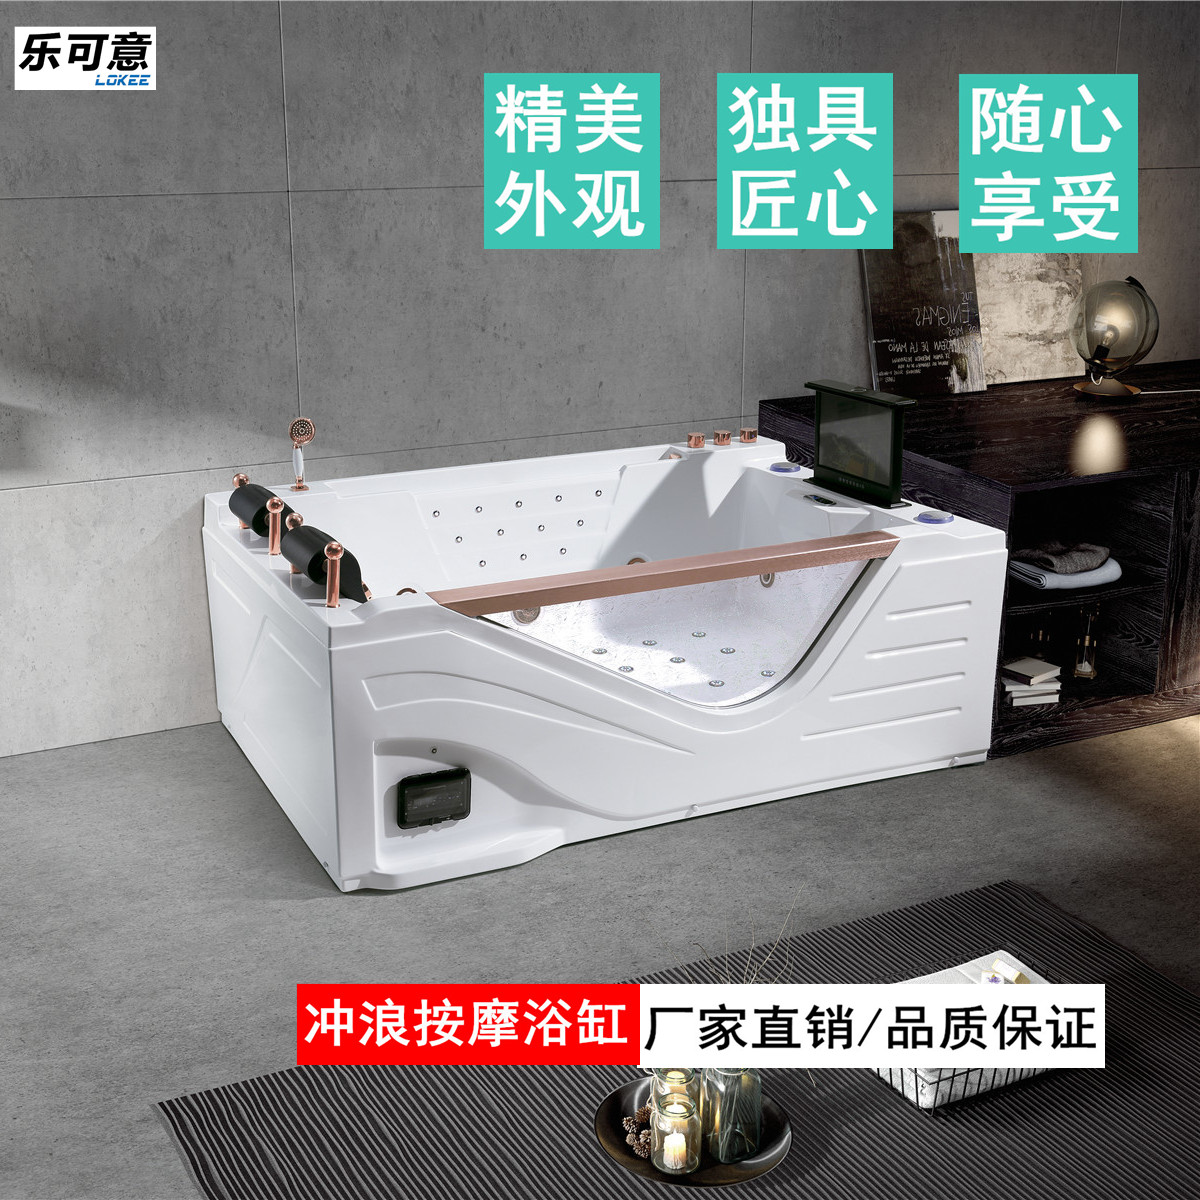 乐可意双人亚克力浴缸1.95米冲浪按摩恒温泡泡浴家用成人泡澡浴盆